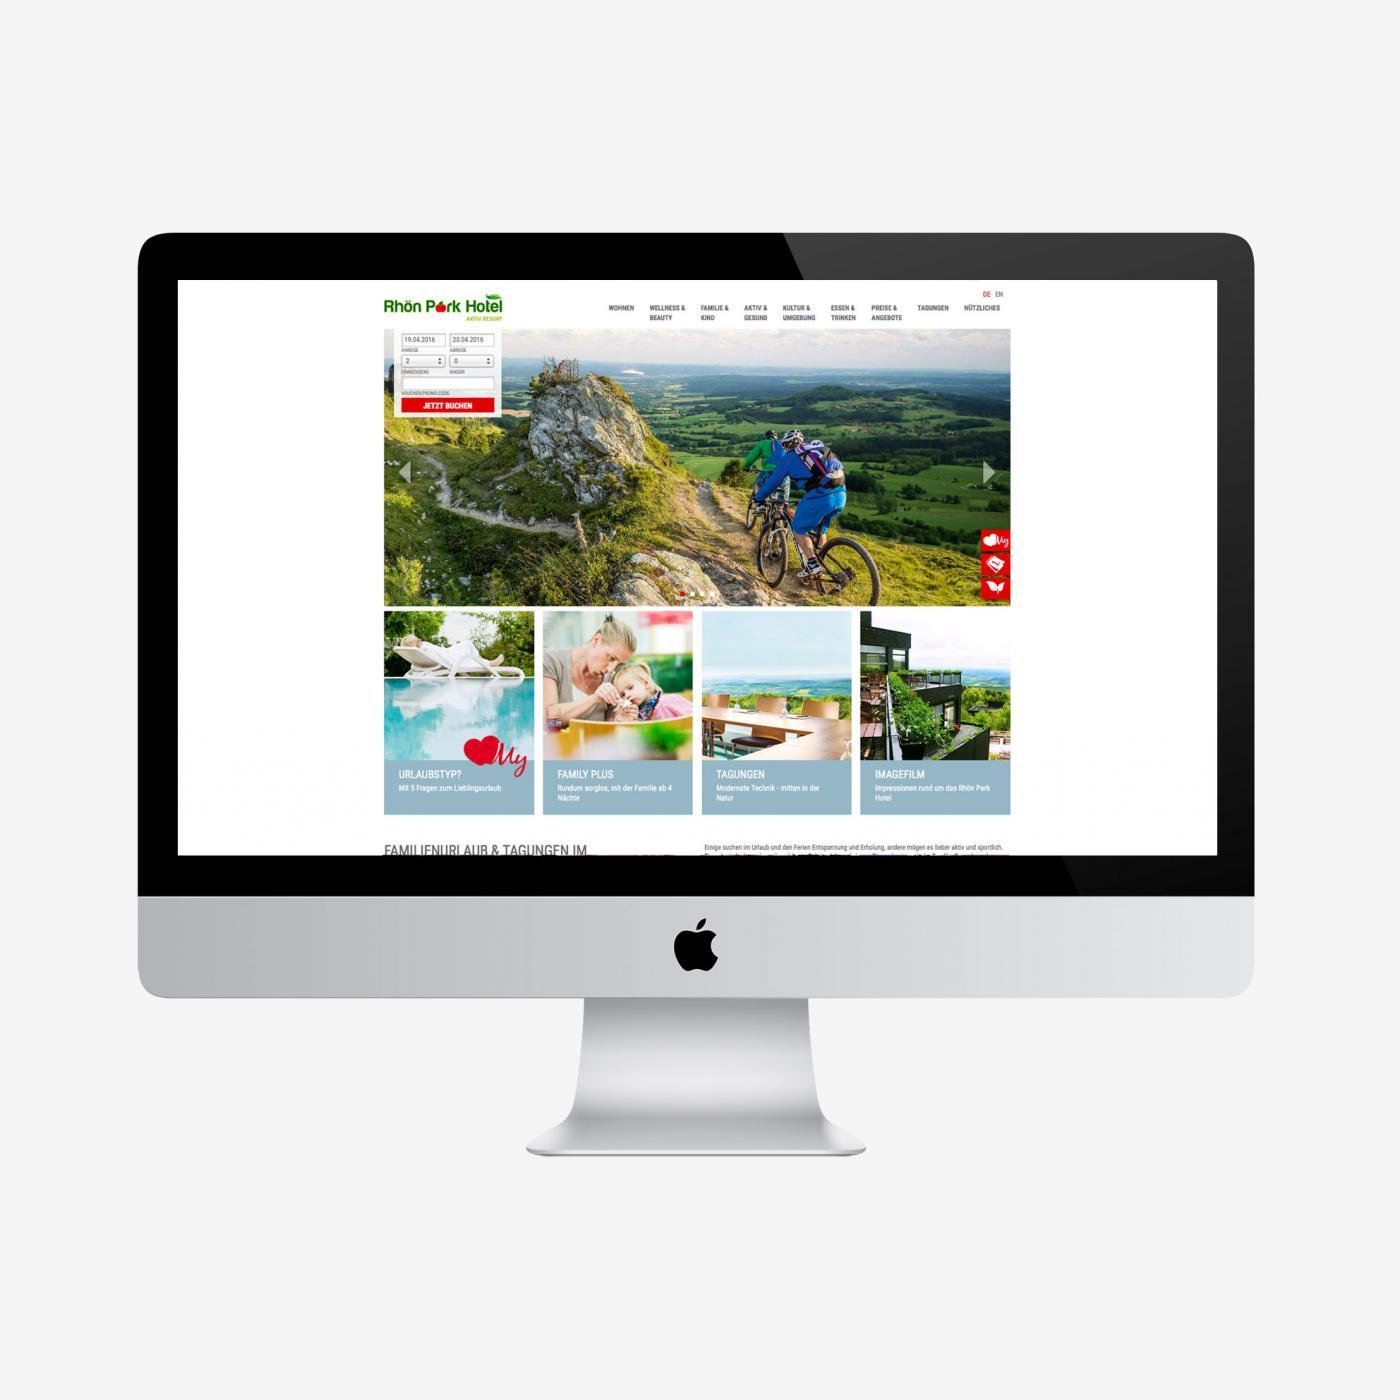 werbeagentur-gronewald-berlin-hotel-website-design